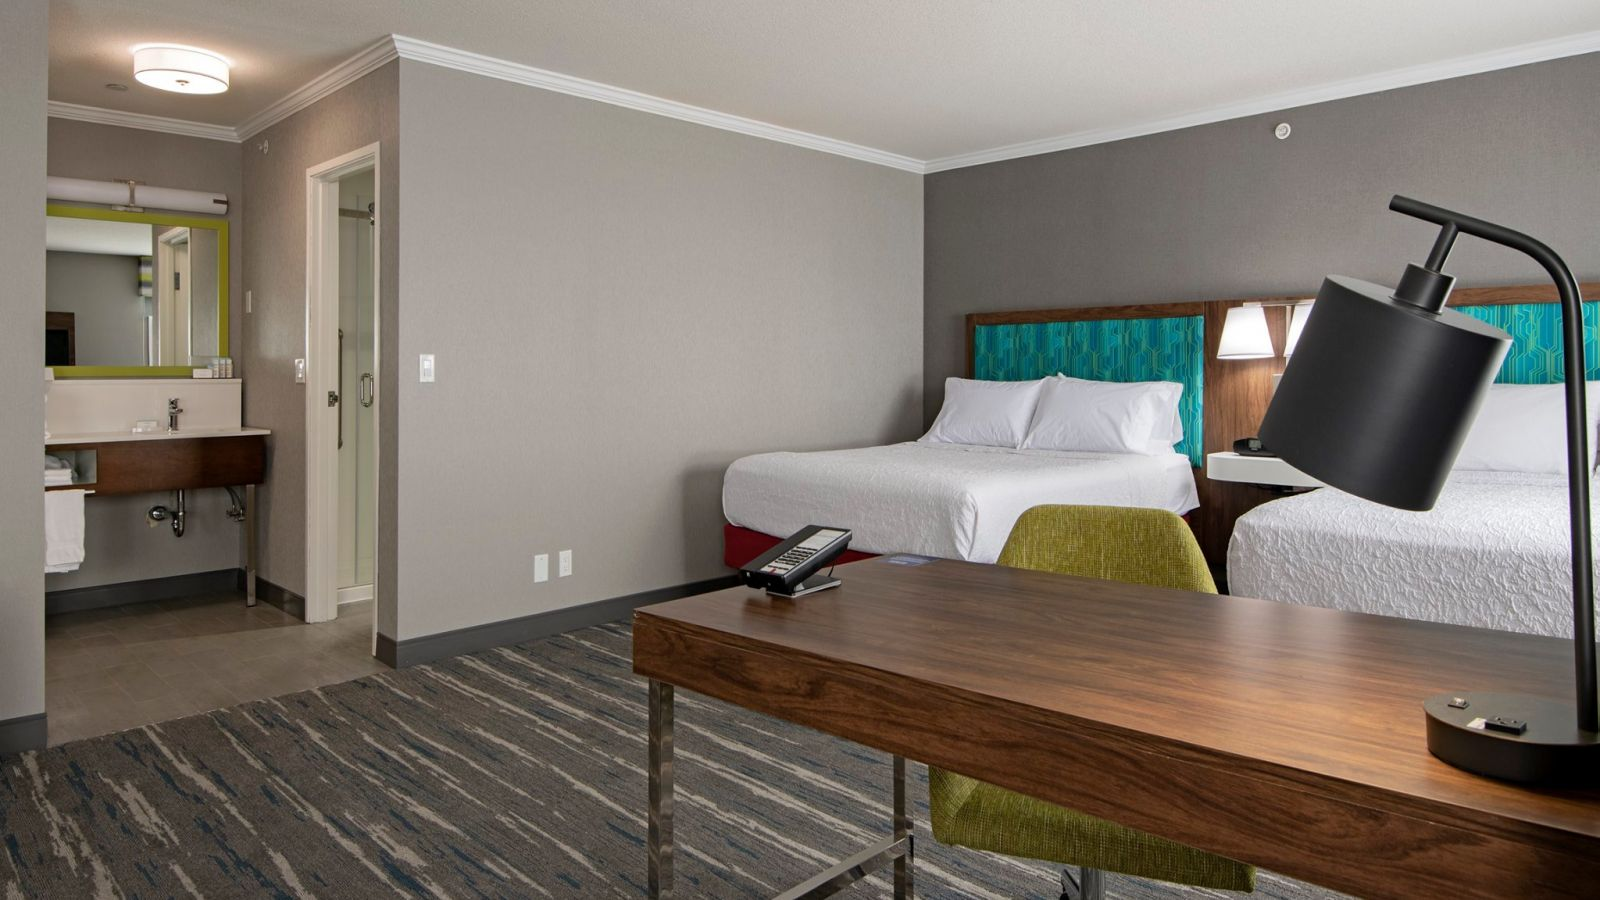 Hampton Inn Kamloops - mini suite - renovated